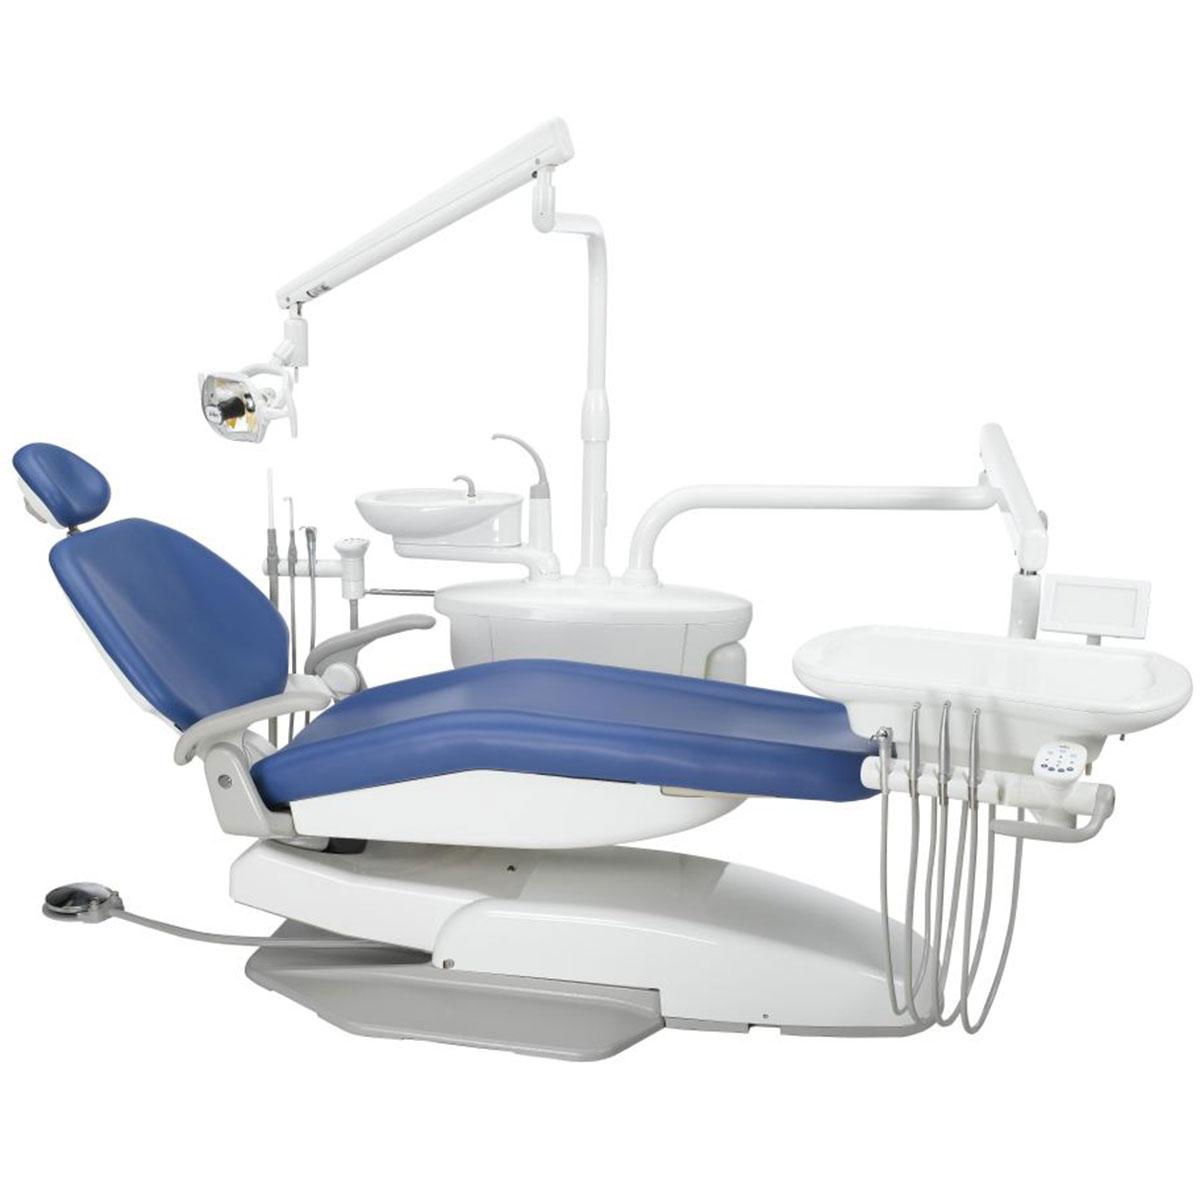 Full Dental Clinic Setup Equipment Amp Instrument